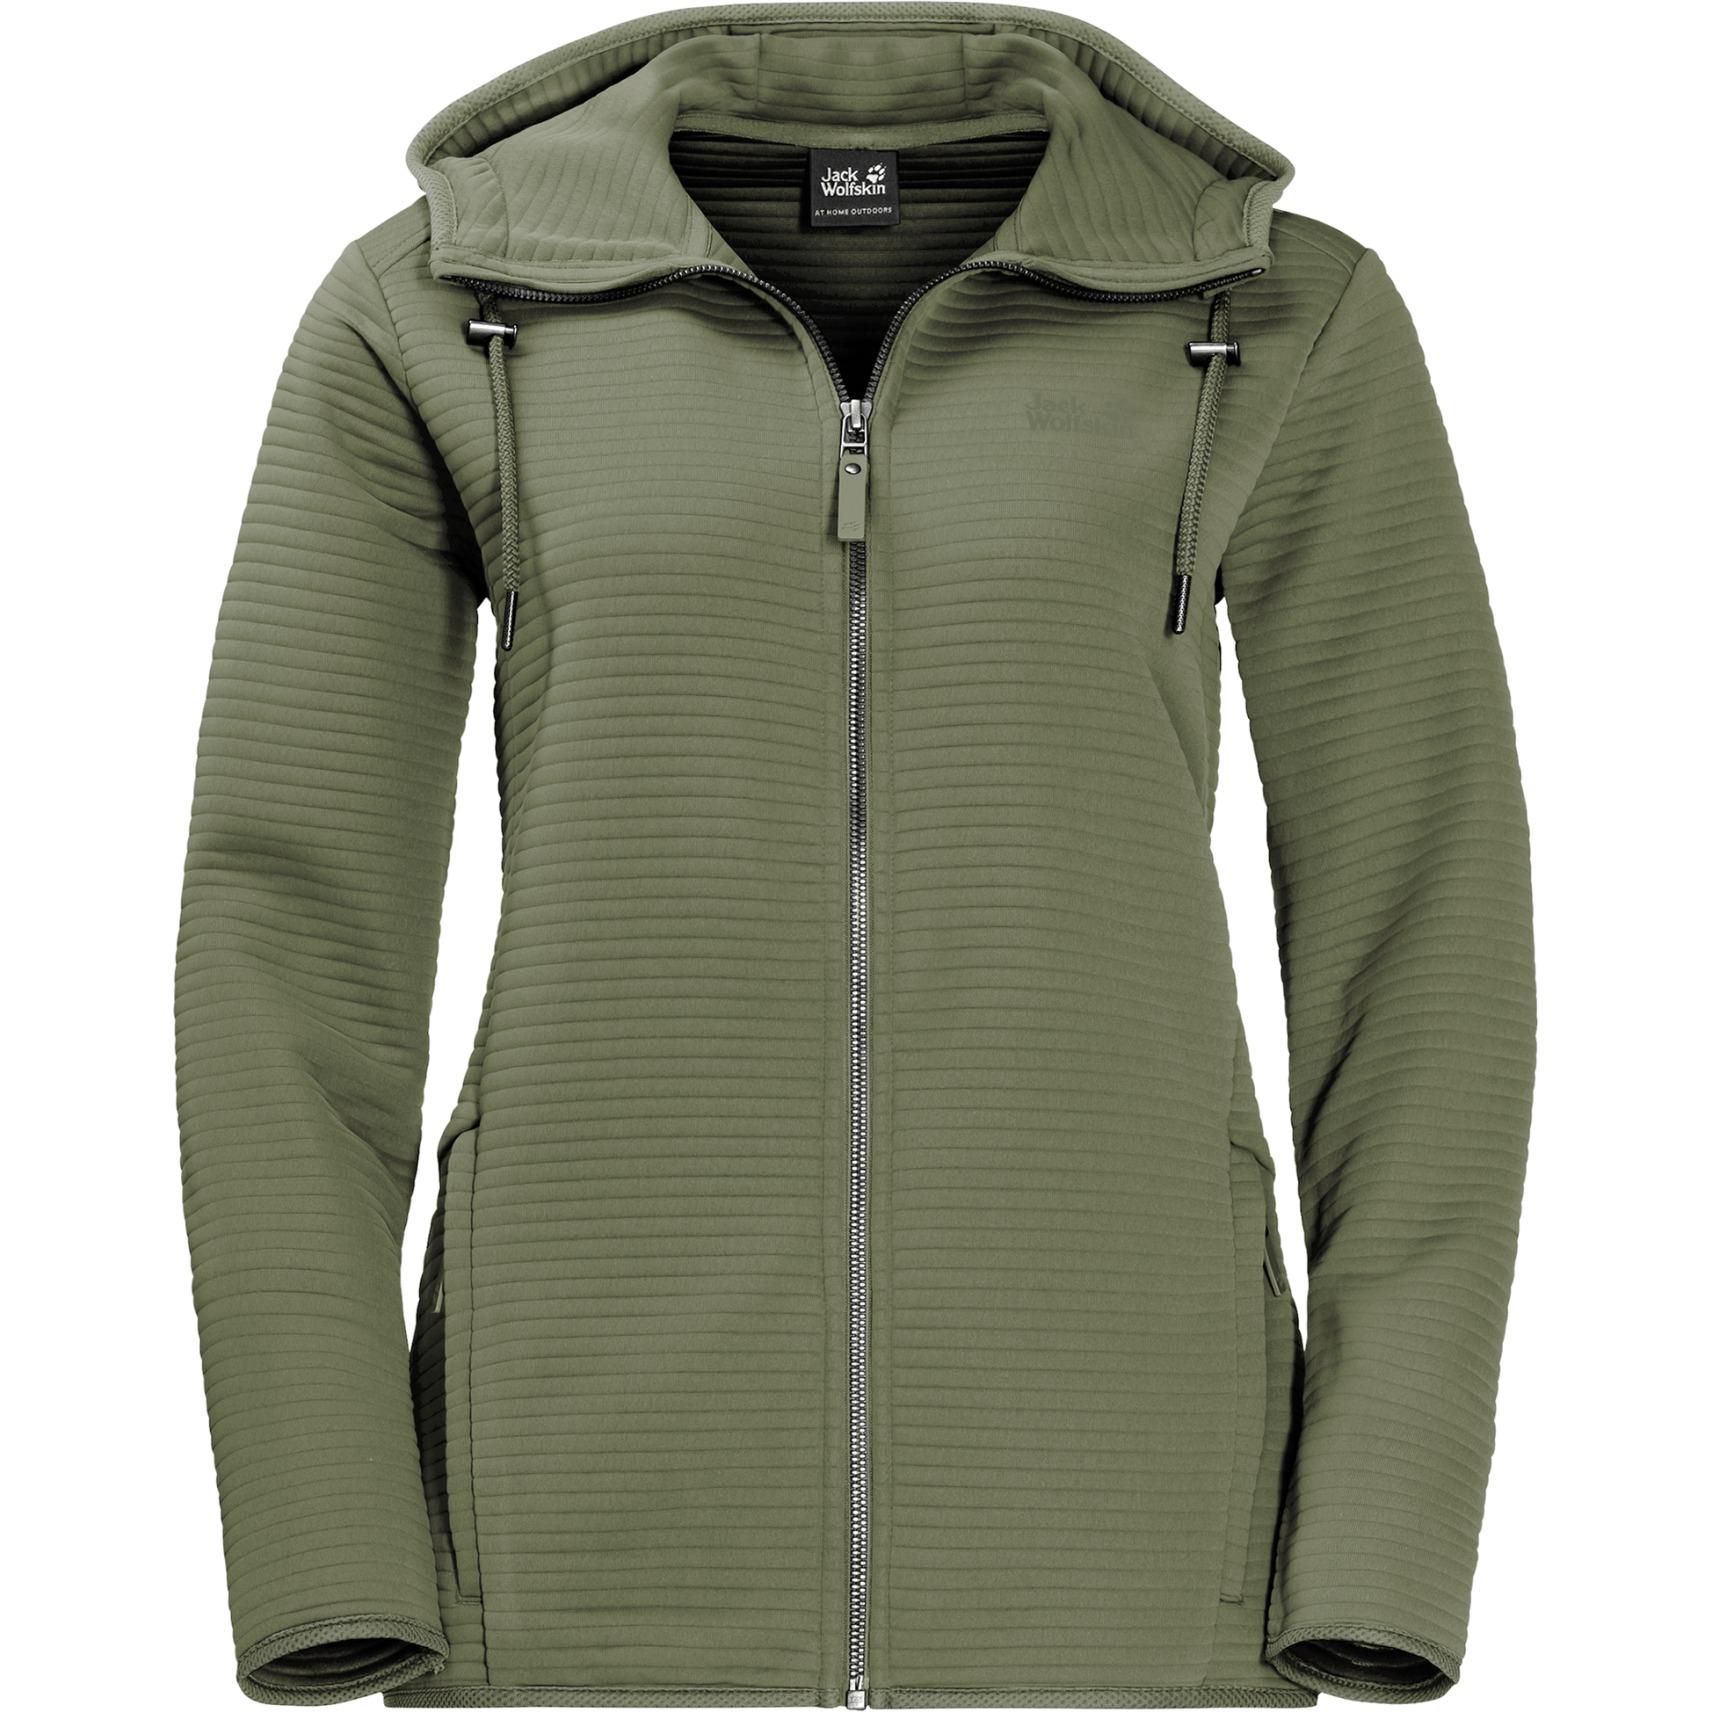 Jack Wolfskin Modesto Hooded Jacket Women Damenjacke - light moss